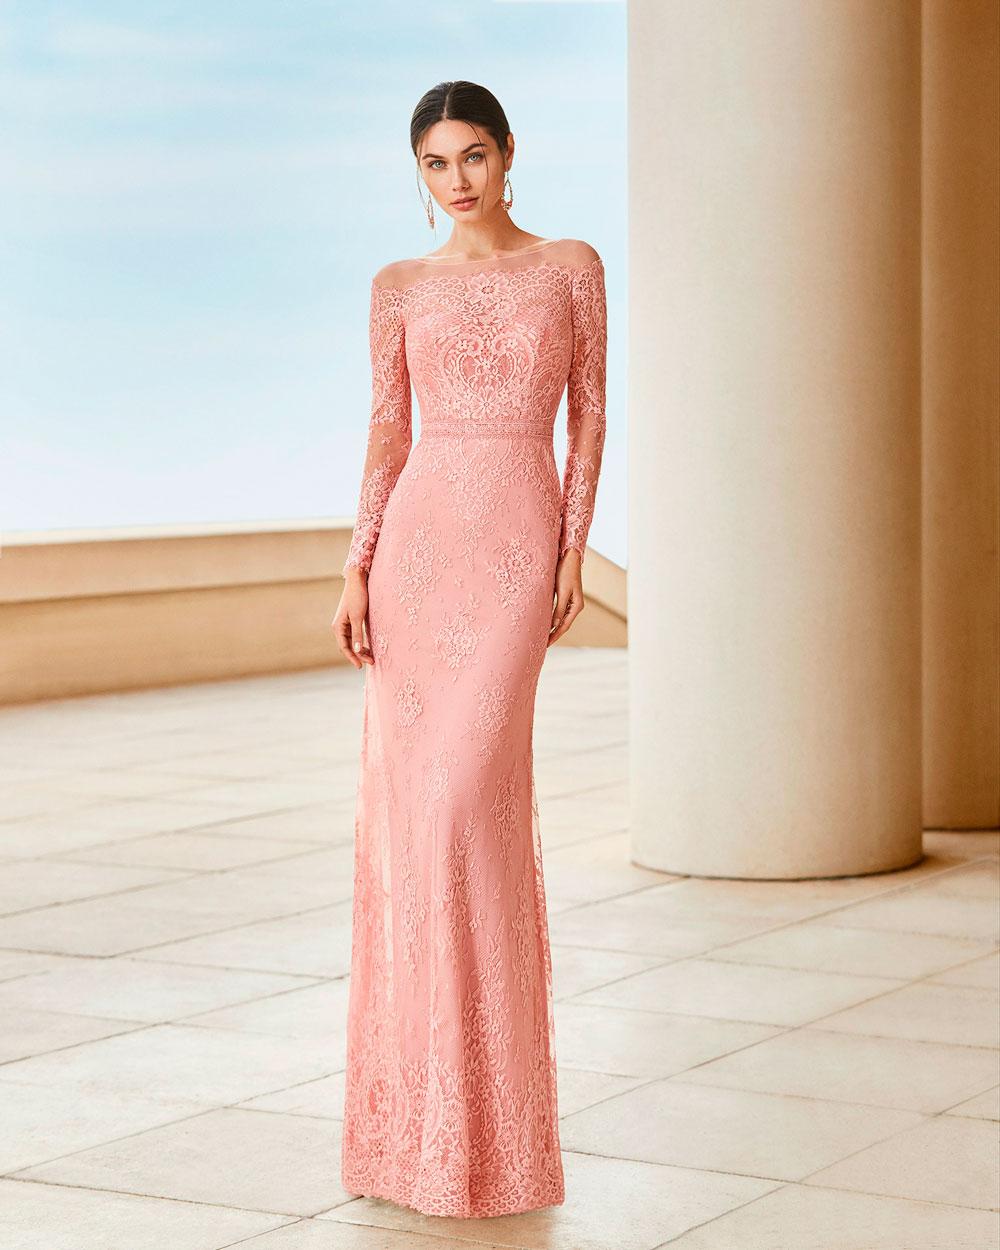 vestido de fiesta2020 4T196 ROSA CLARA_COCKTAIL 1